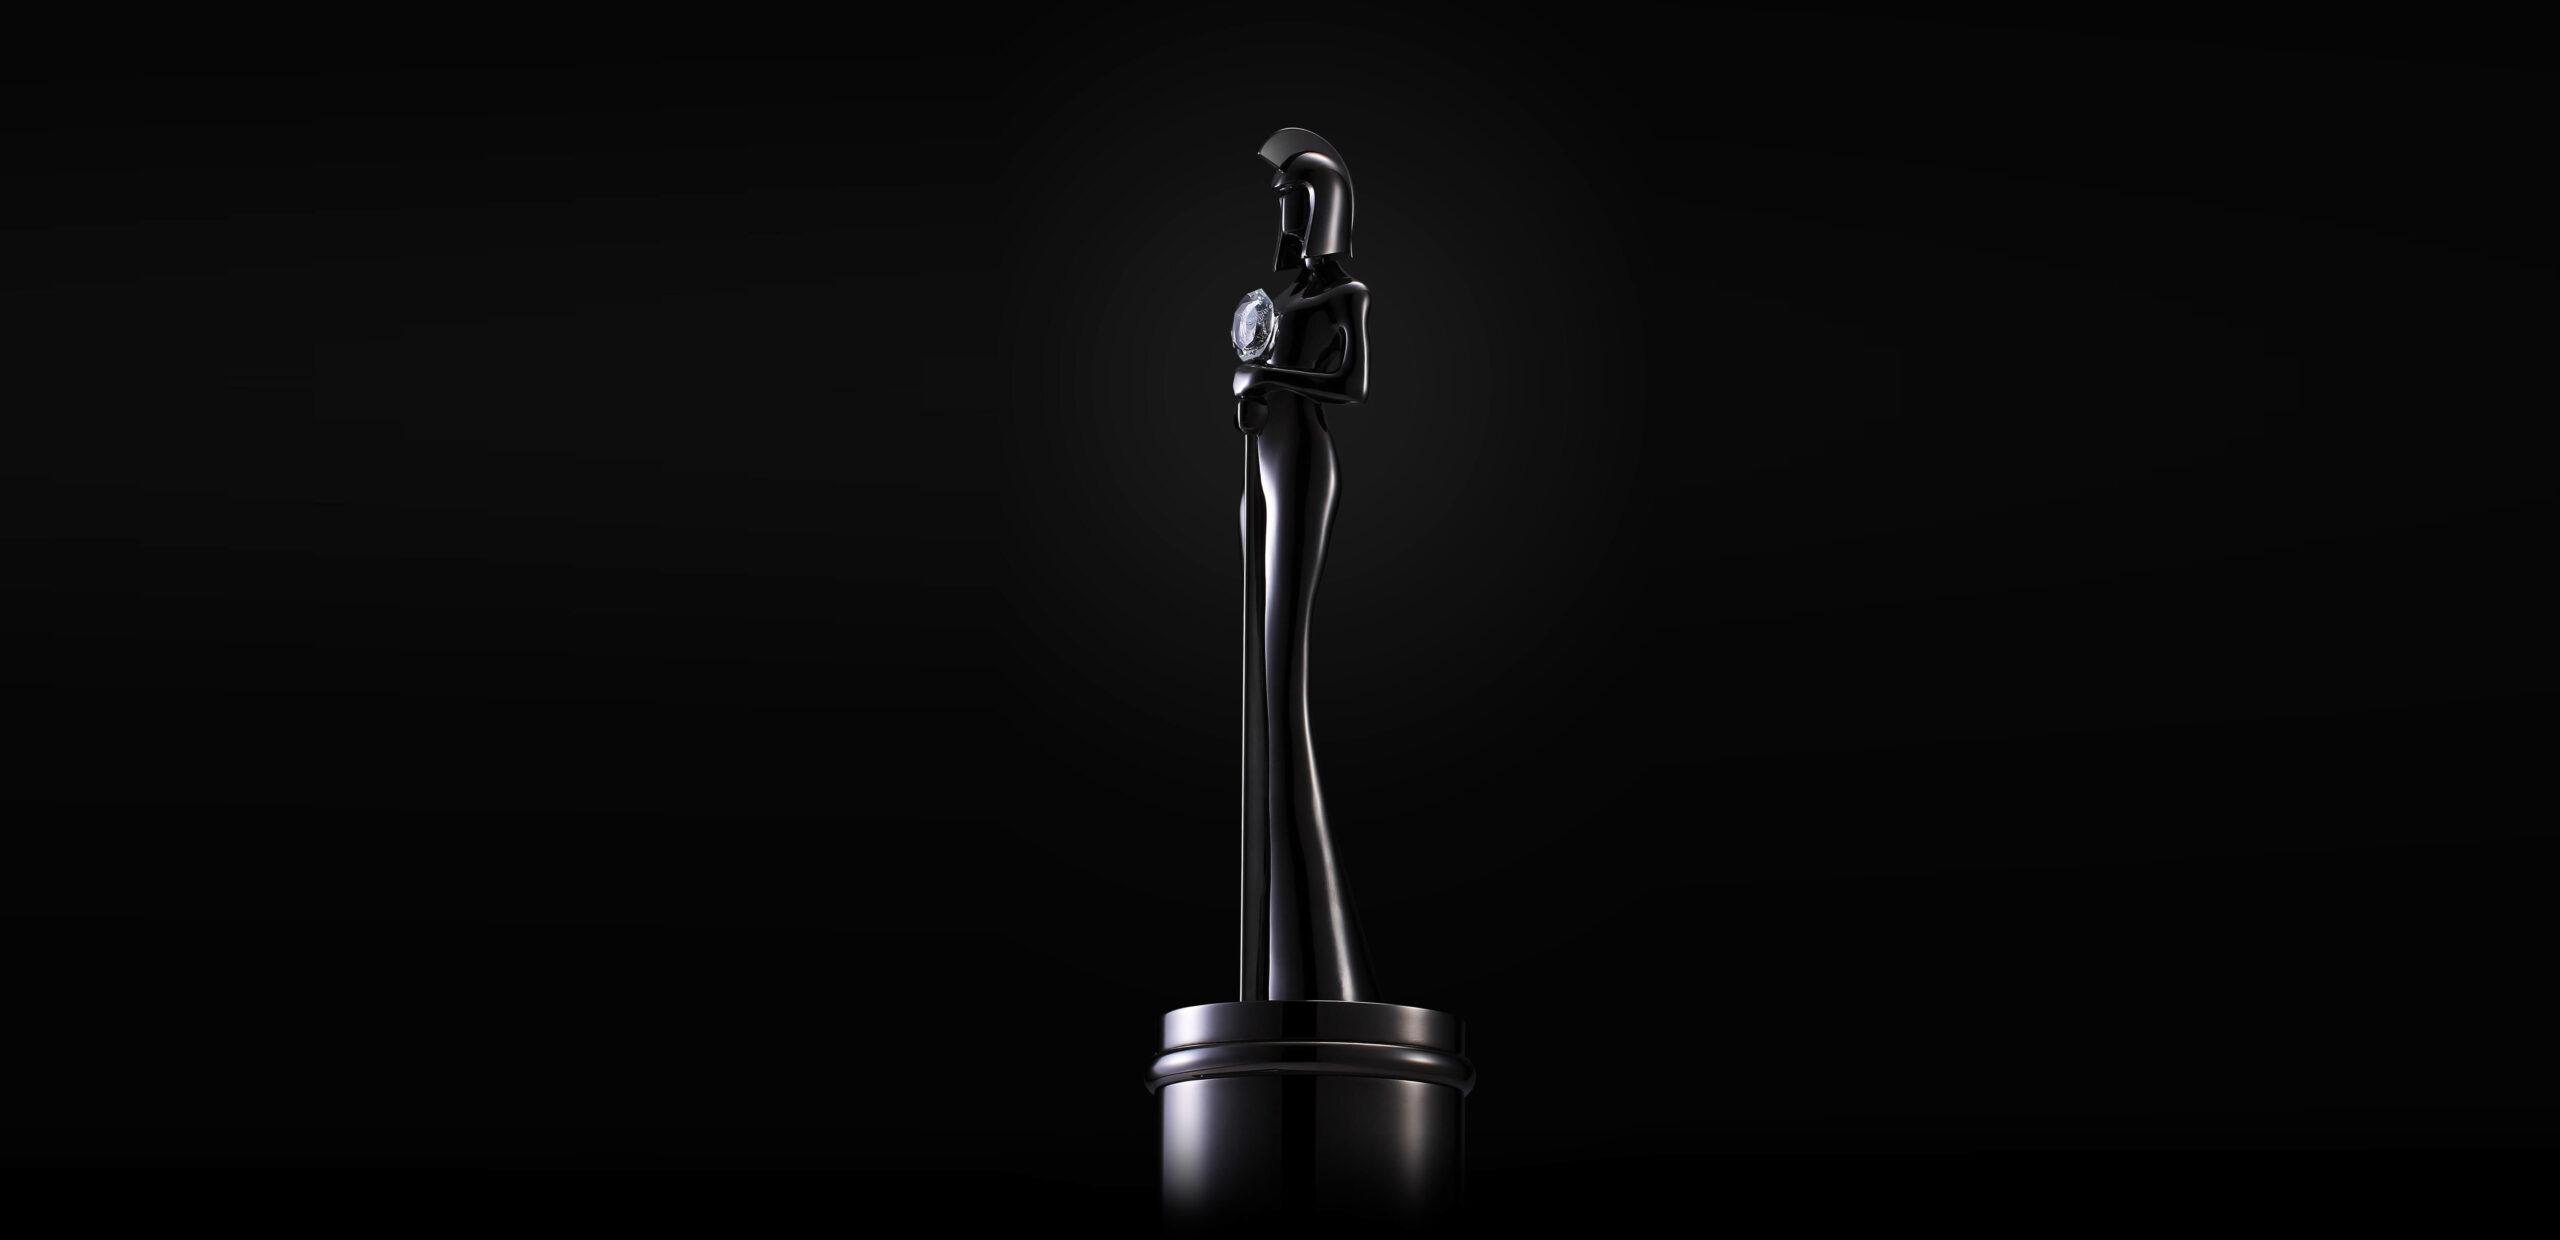 """Sparx* nhận giải thưởng """"Nơi làm việc tốt nhất châu Á 2021"""" từ HR Asia"""